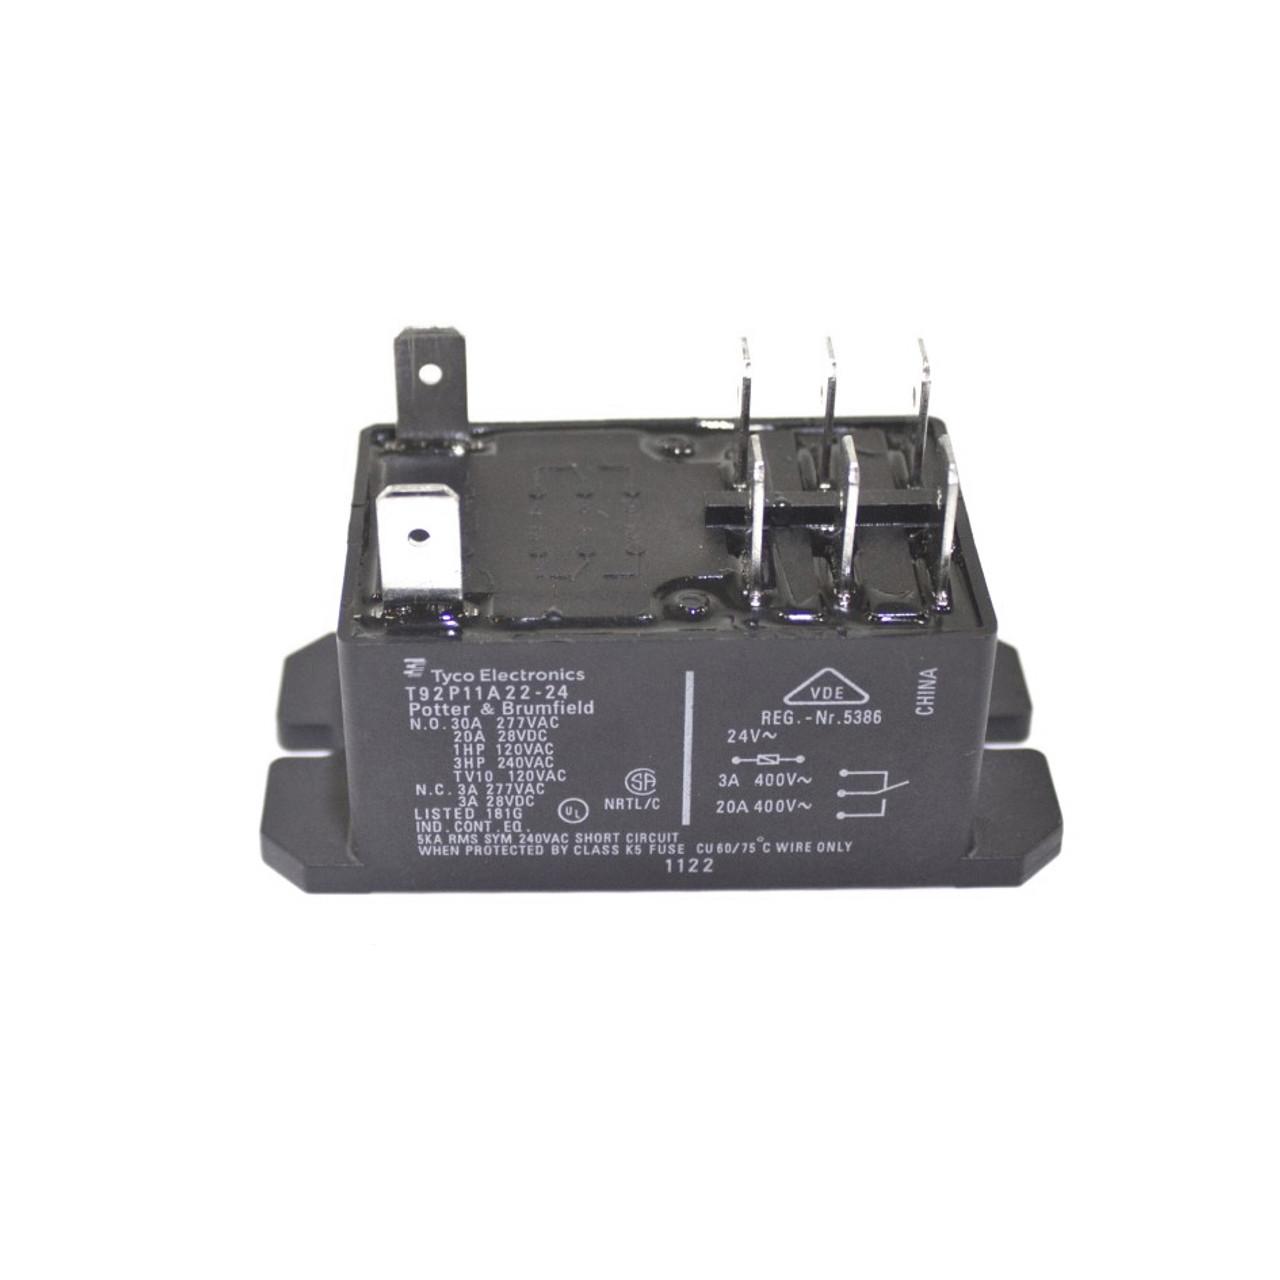 R90510 Relay, Power DPDT 1.5HP/24V/600V